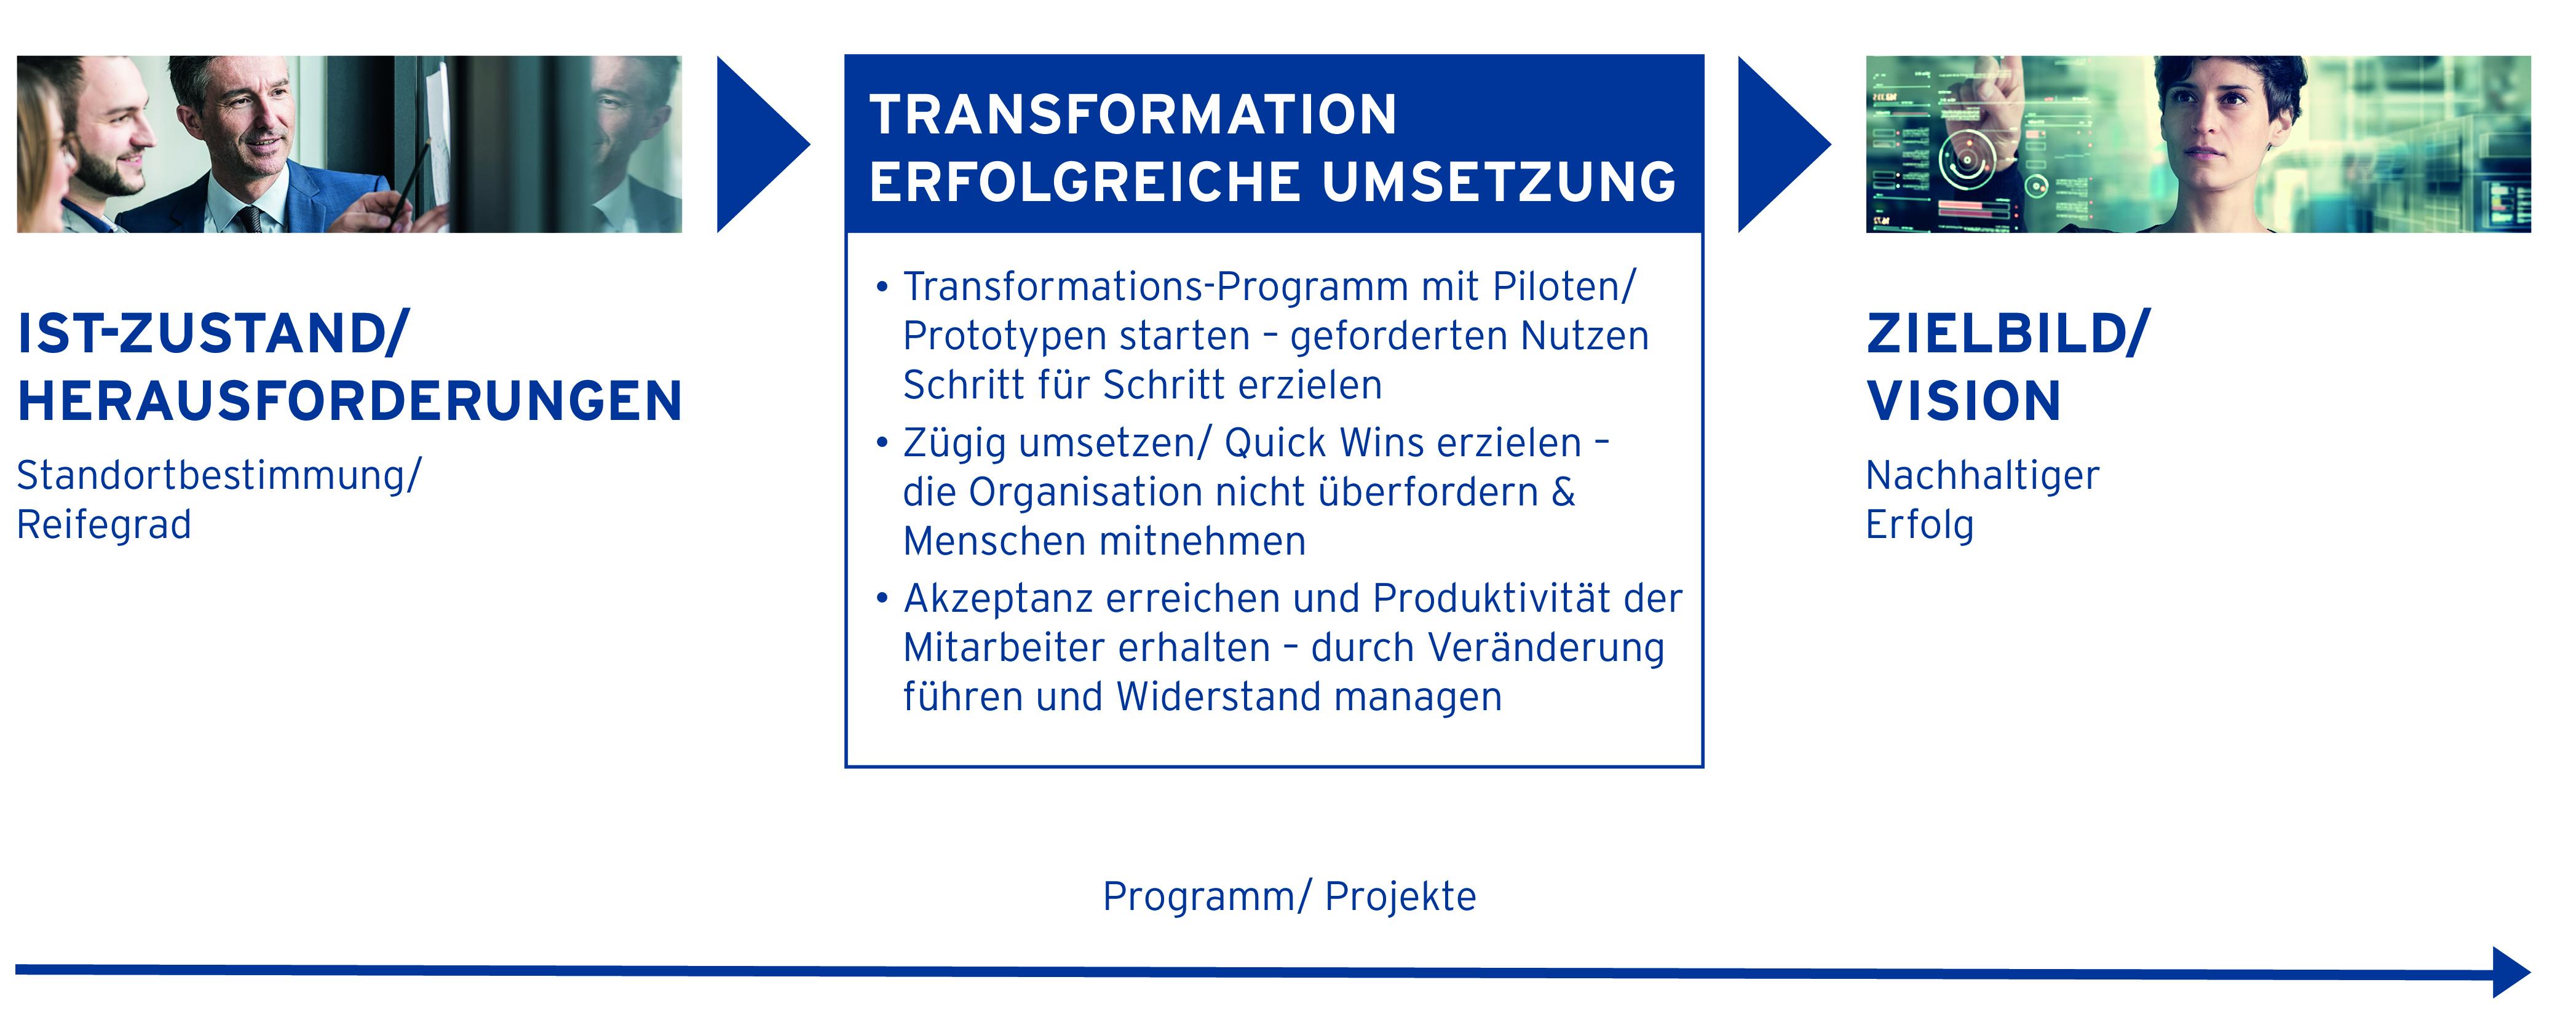 Transformation – Der Weg vom Ist-Zustand zum Zielbild